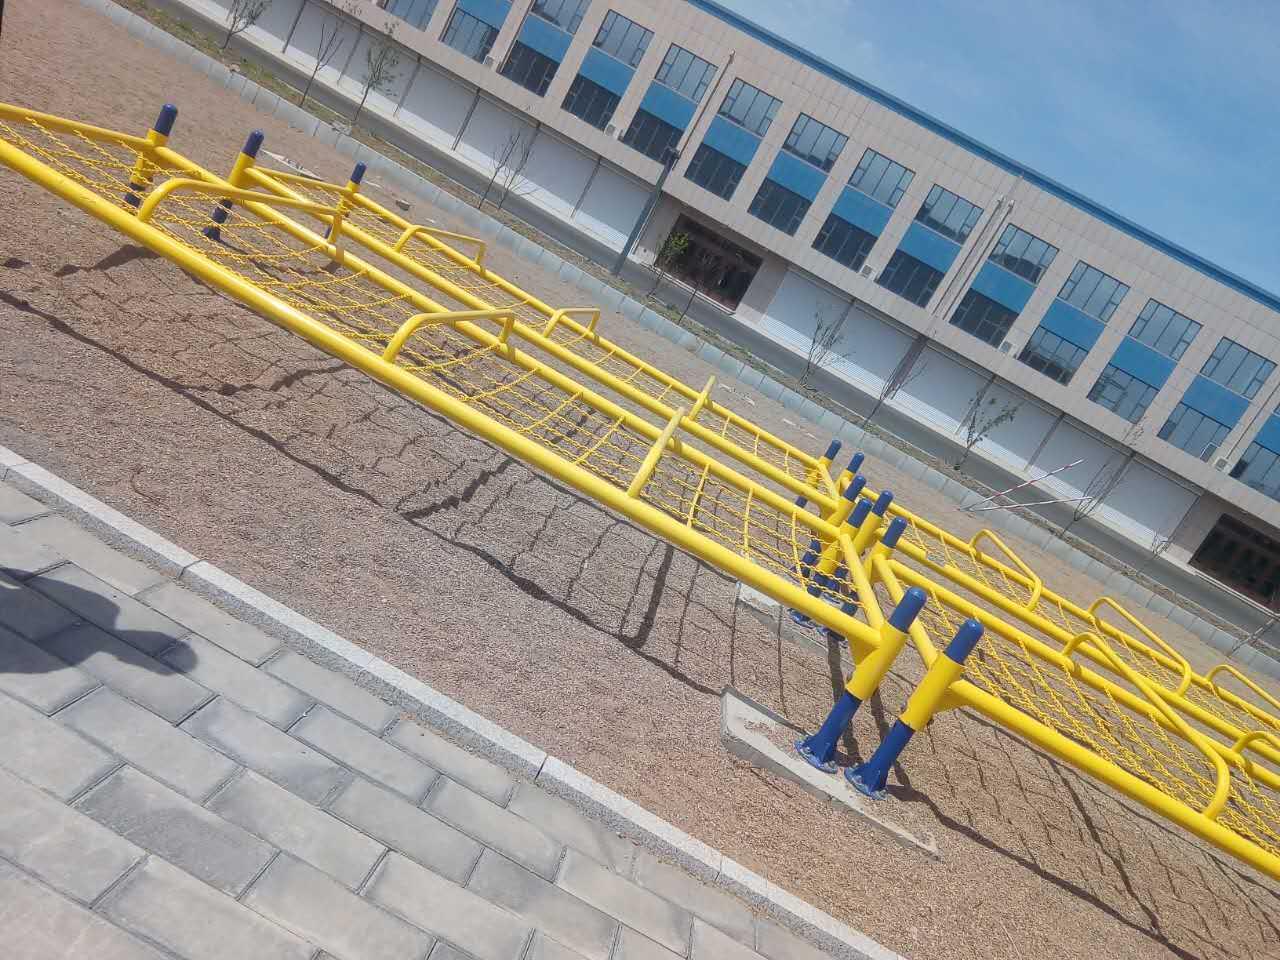 特警五项公安特警五项-低桩网,500米障碍,军用单双杠